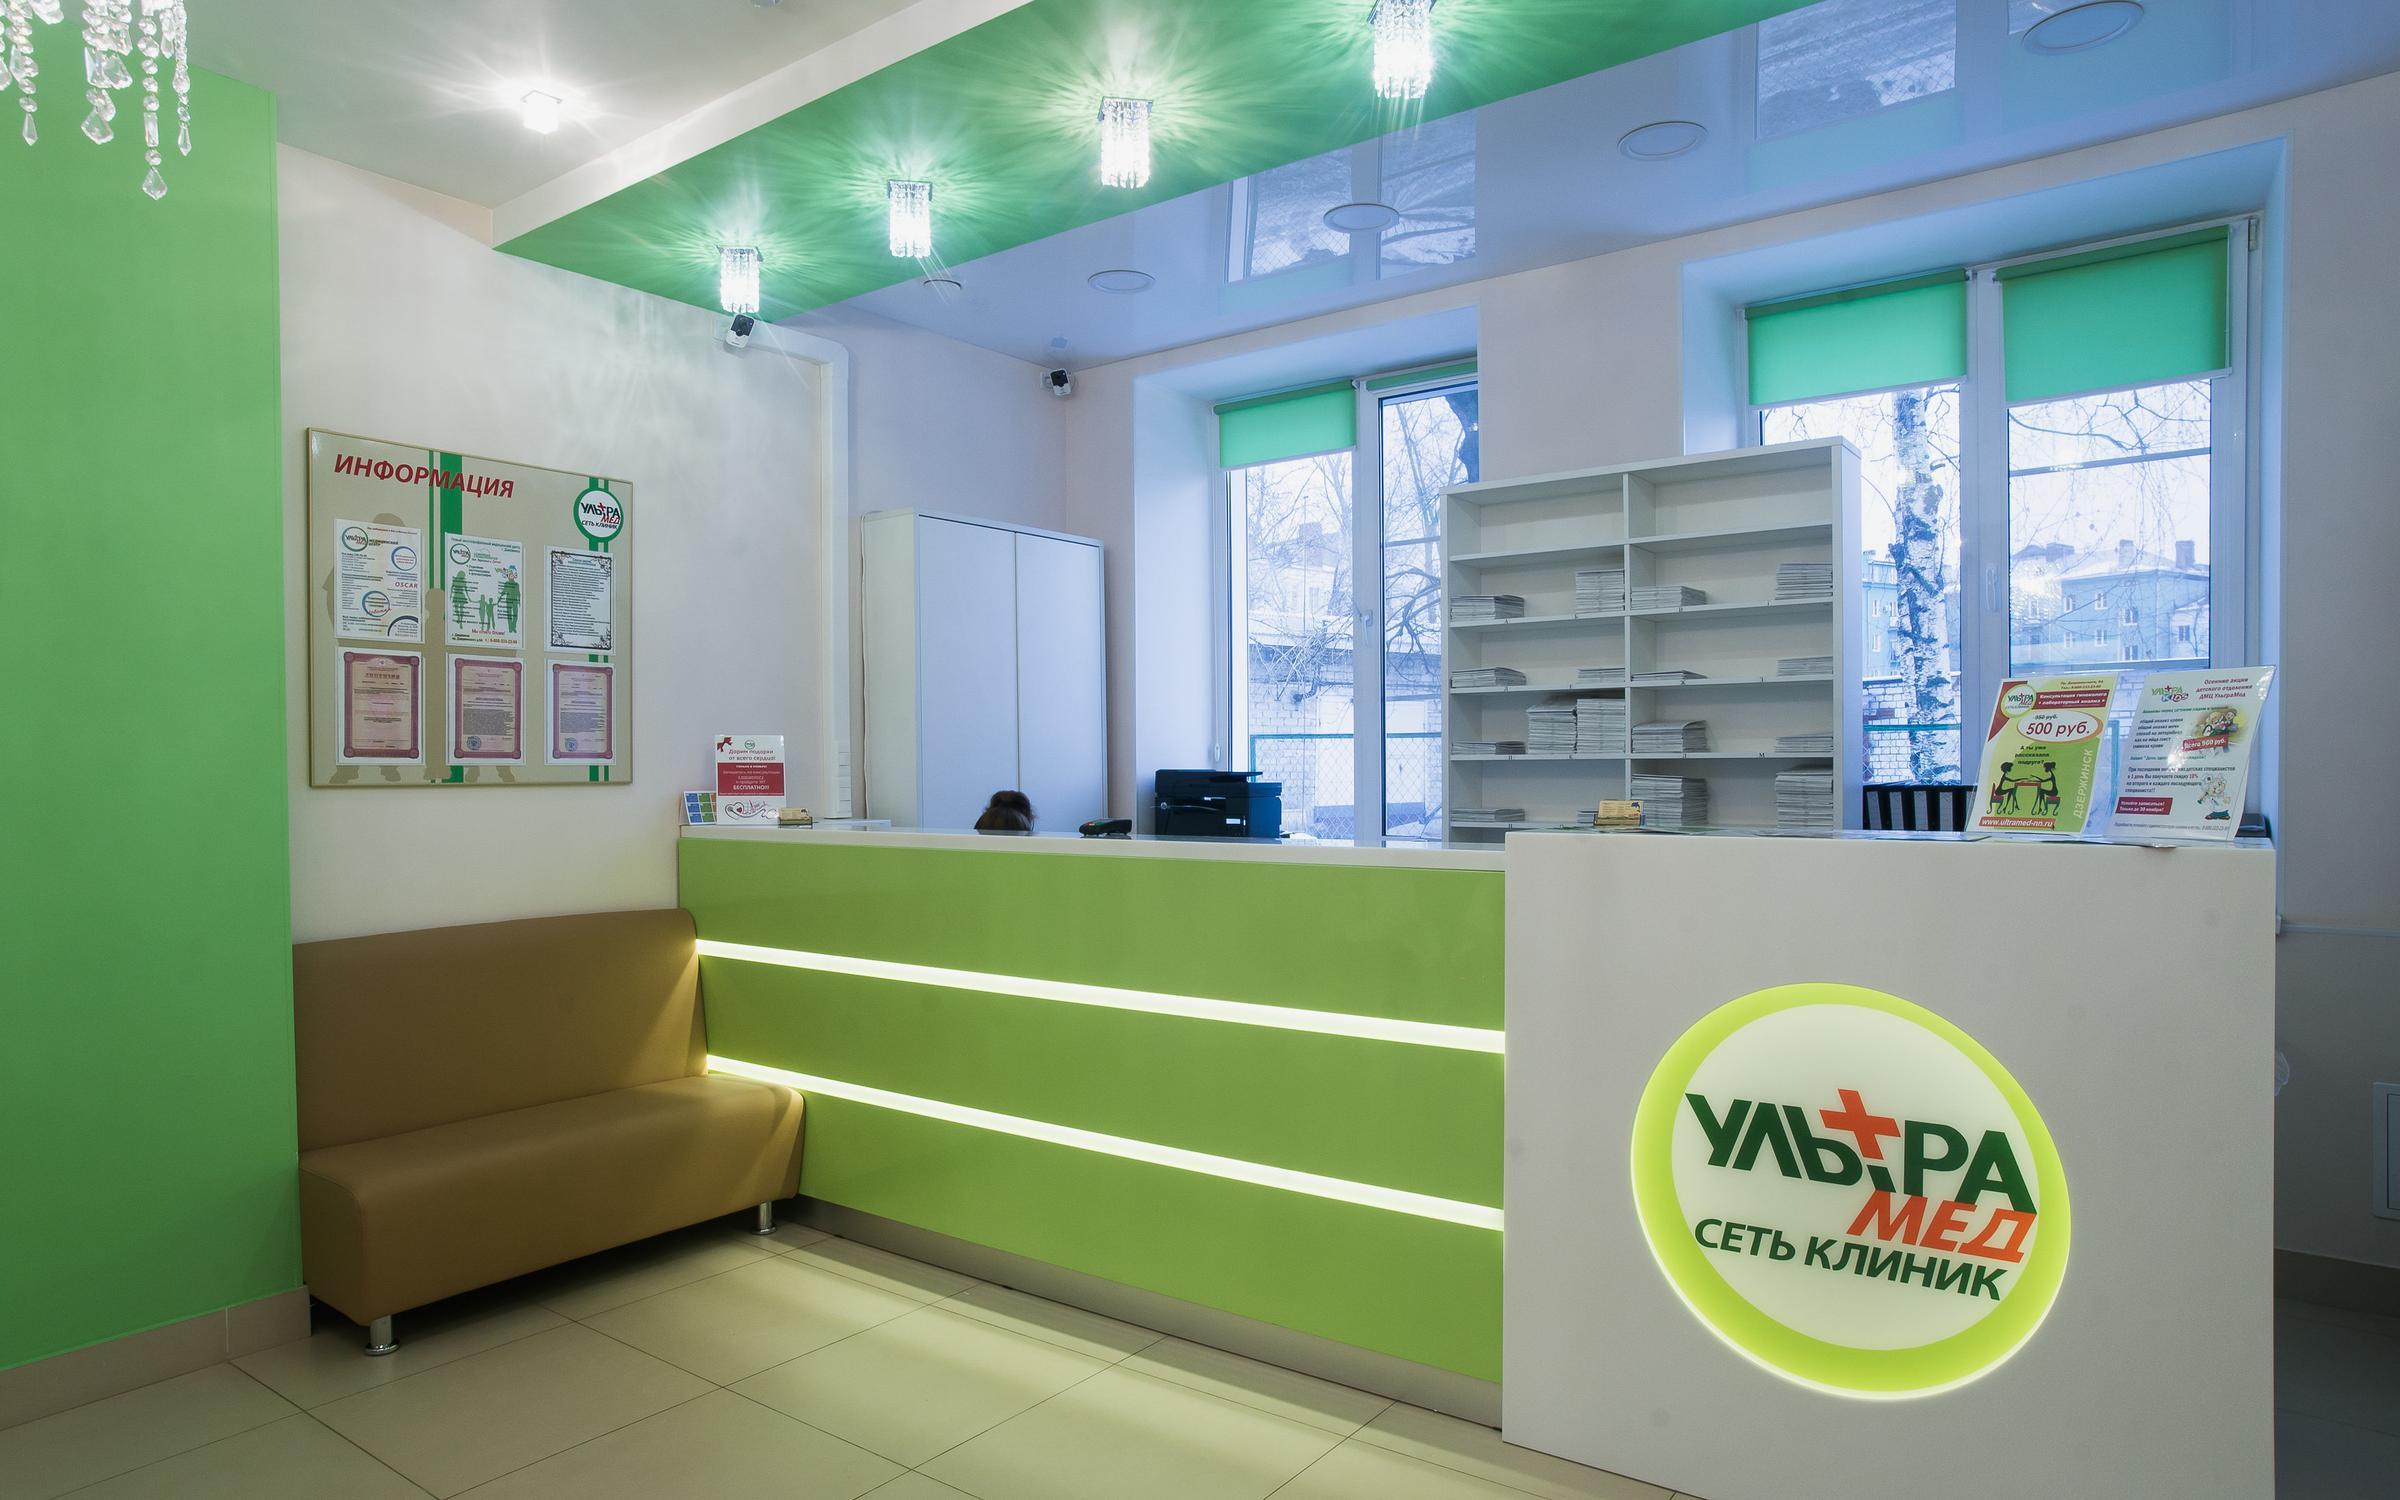 фотография Медицинского центра УльтраМед в Дзержинске